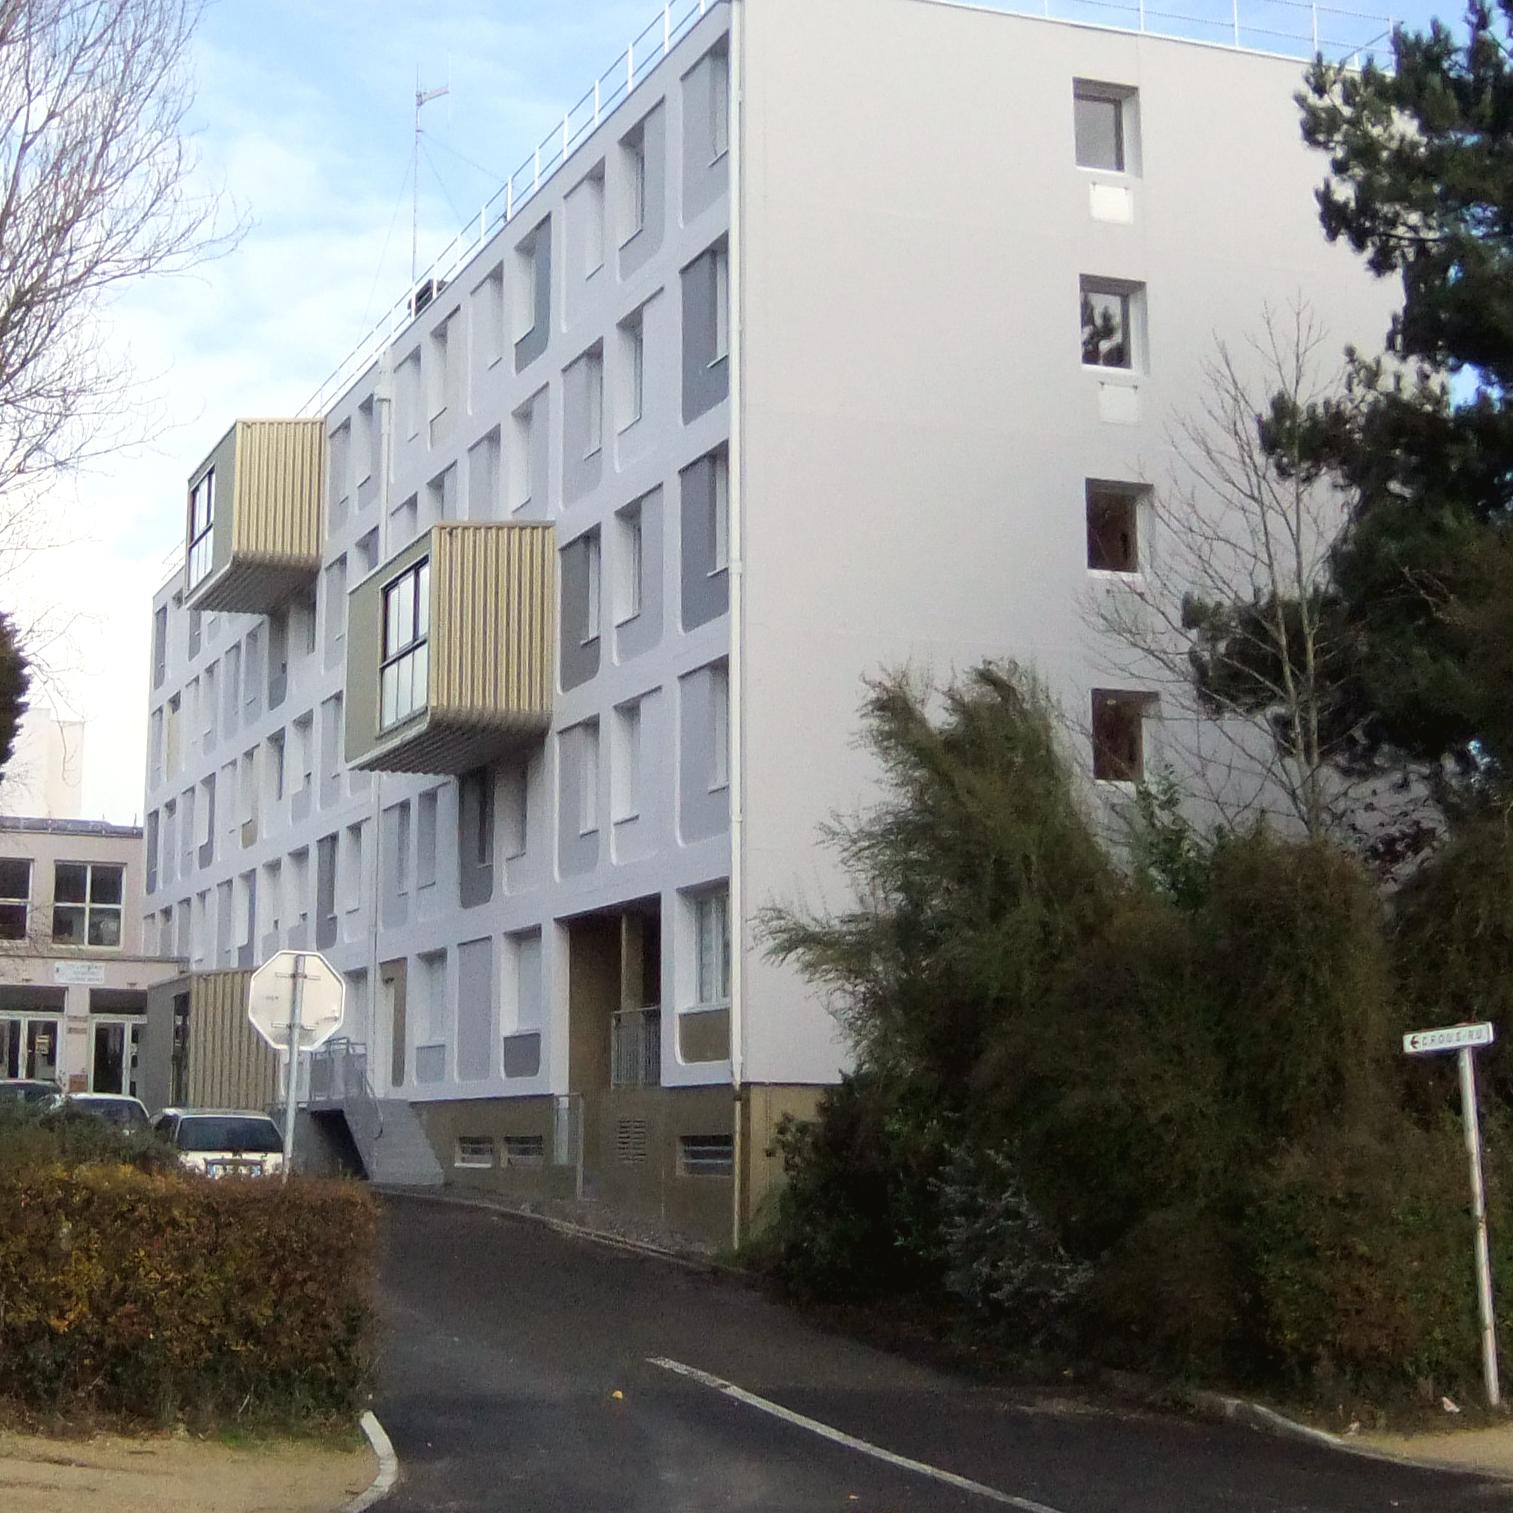 Cité U Lannion